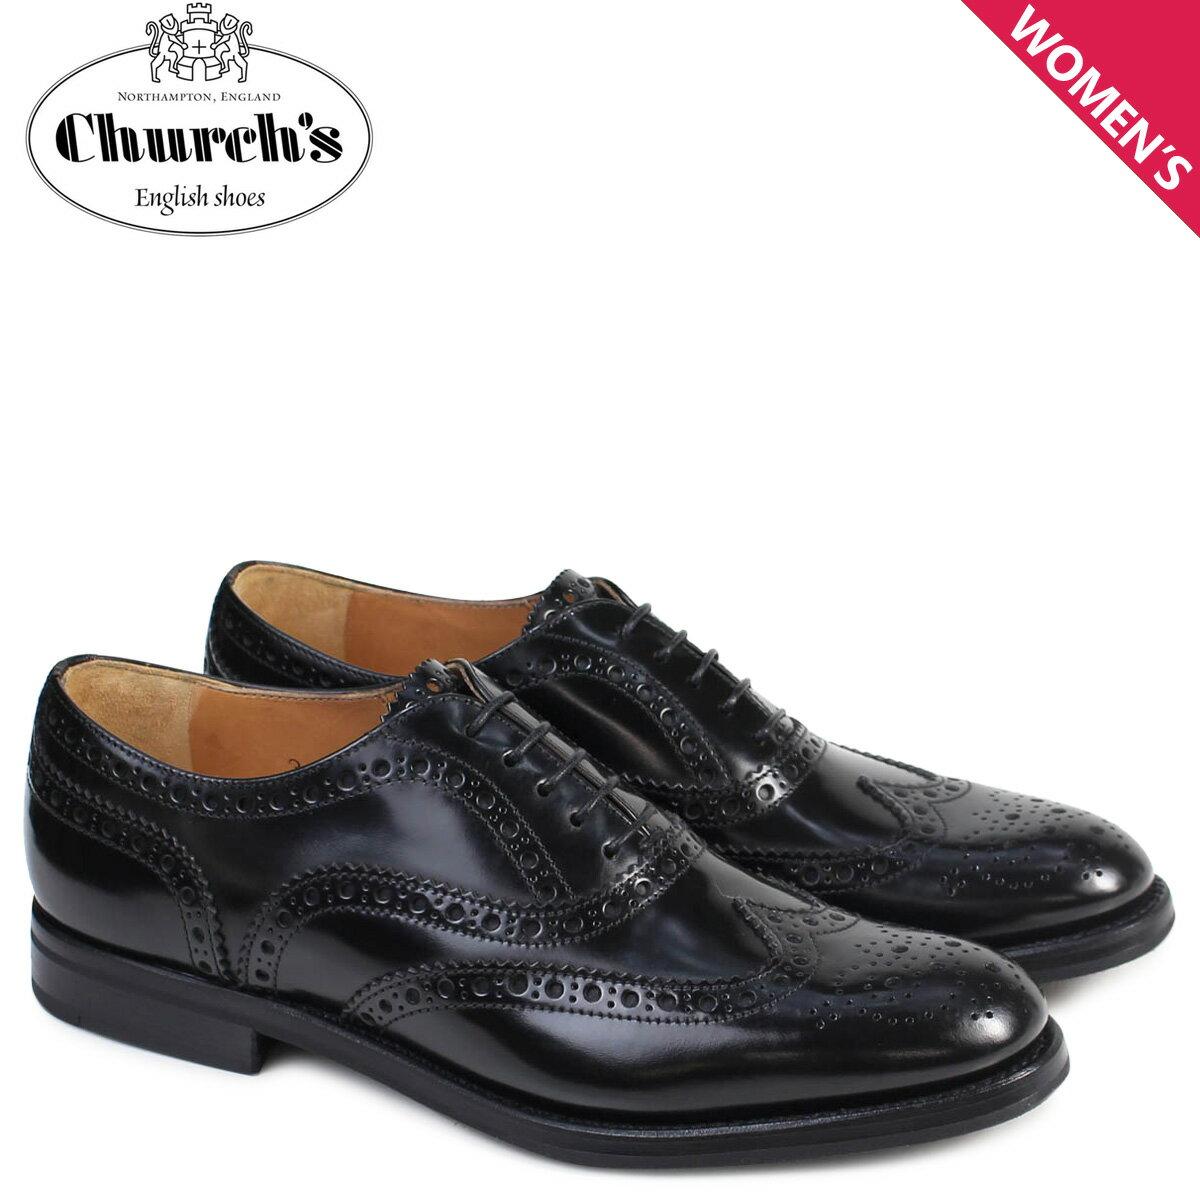 チャーチ 靴 レディース Churchs バーウッド シューズ ウイングチップ Burwood WG Polish Binder Calf 8705 DE0001 ブラック [12/21 再入荷]